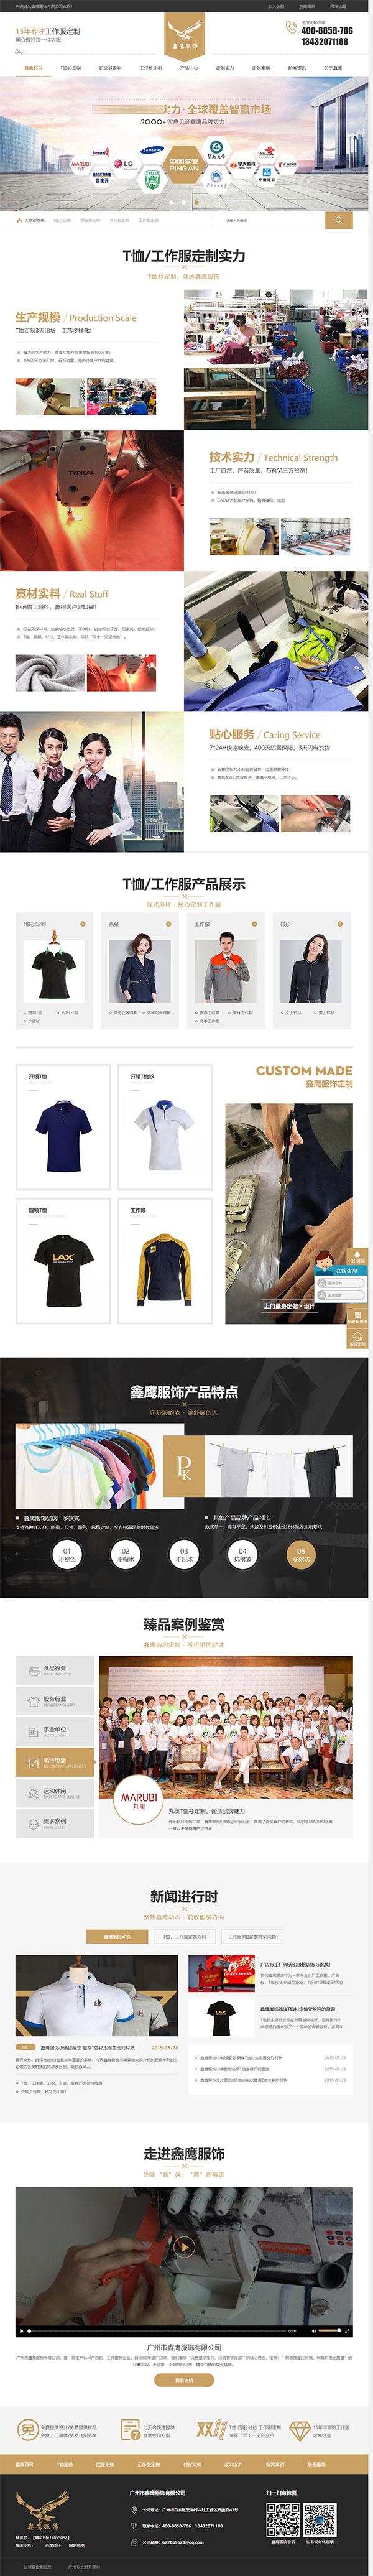 鑫鹰服饰营销型网站案例欣赏